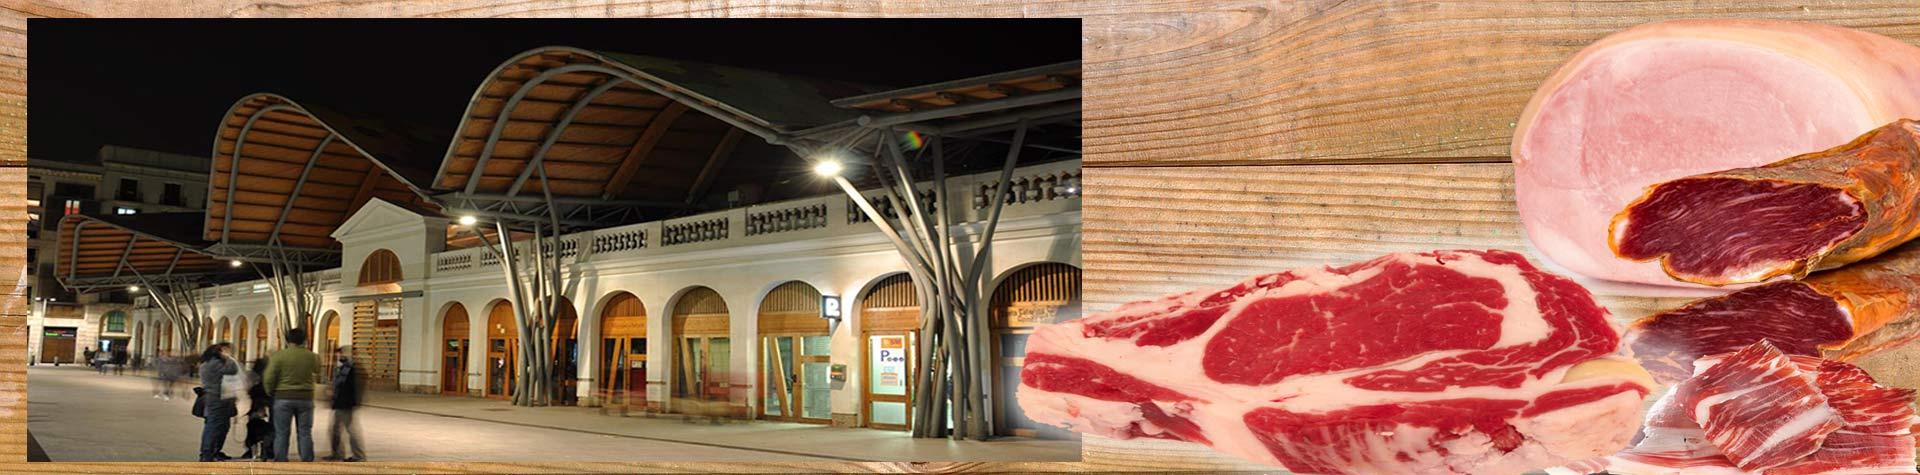 mercat-santa-caterina-5